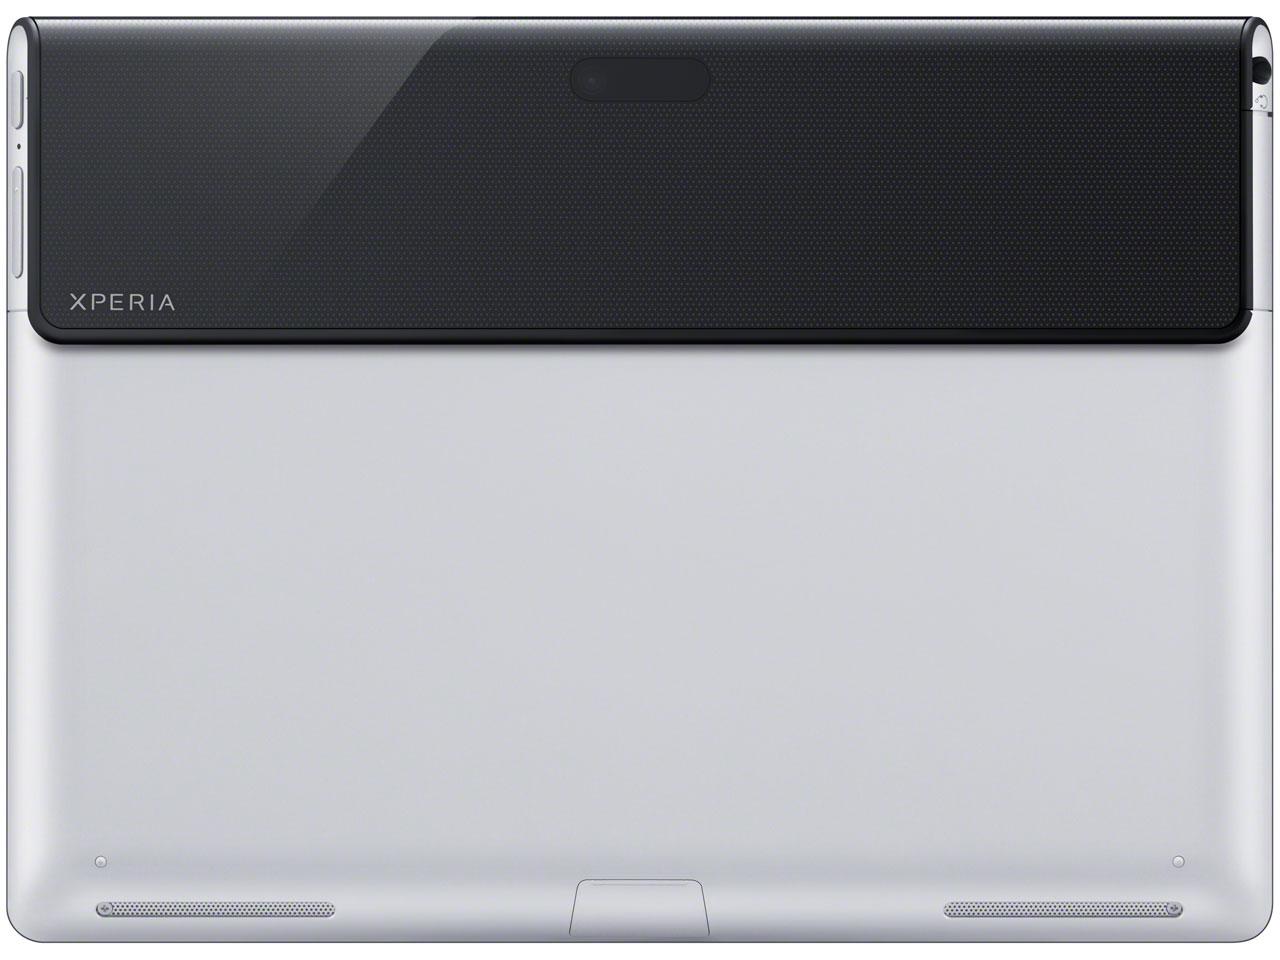 『本体 背面』 Xperia Tablet Sシリーズ 32GB SGPT122JP/S の製品画像